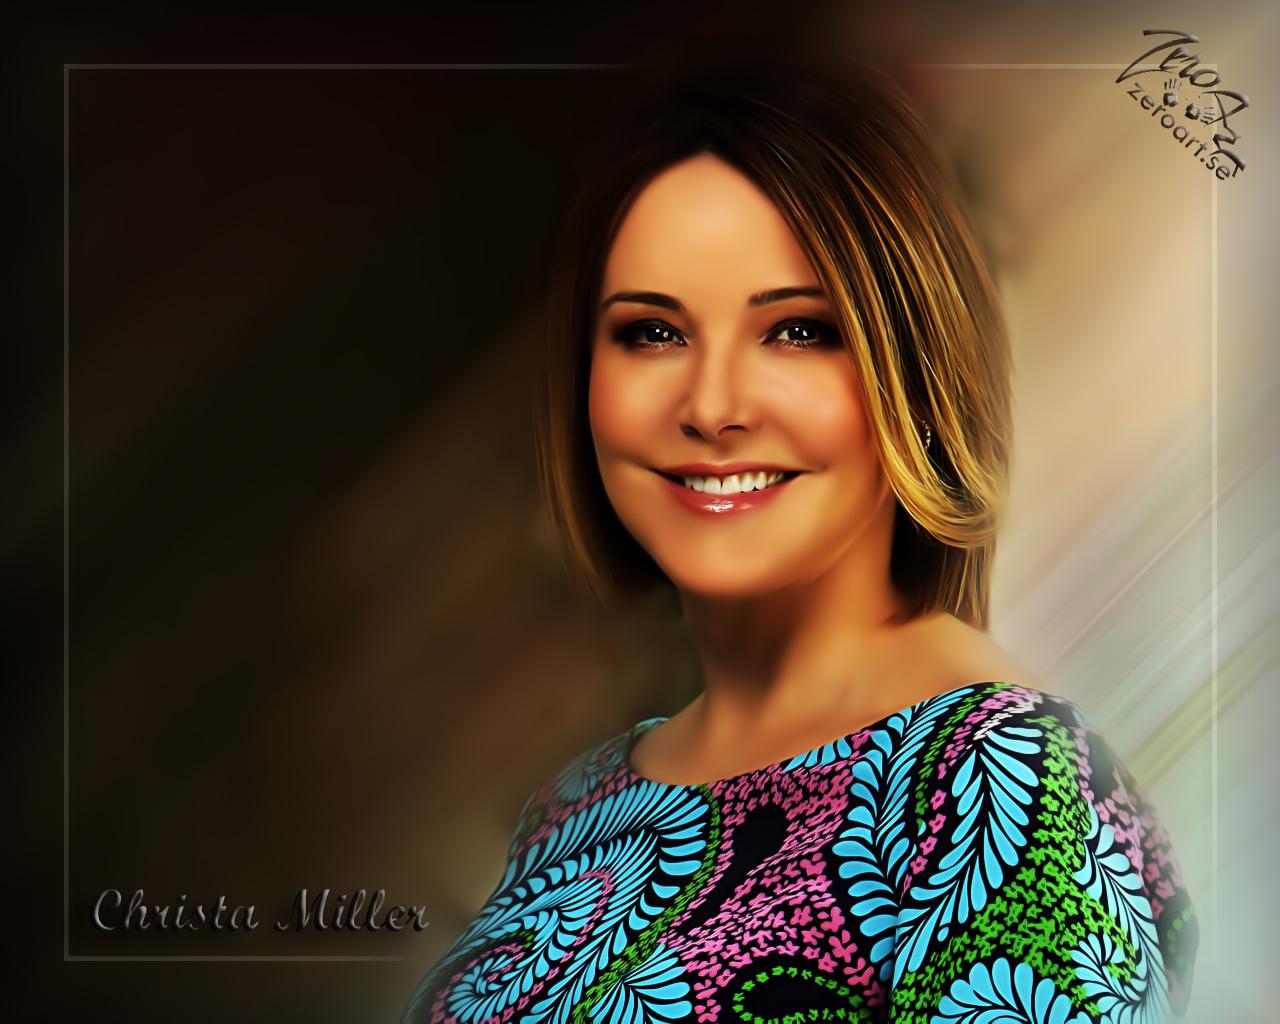 Christa Miller Christa Miller Wallpaper 12239426 Fanpop